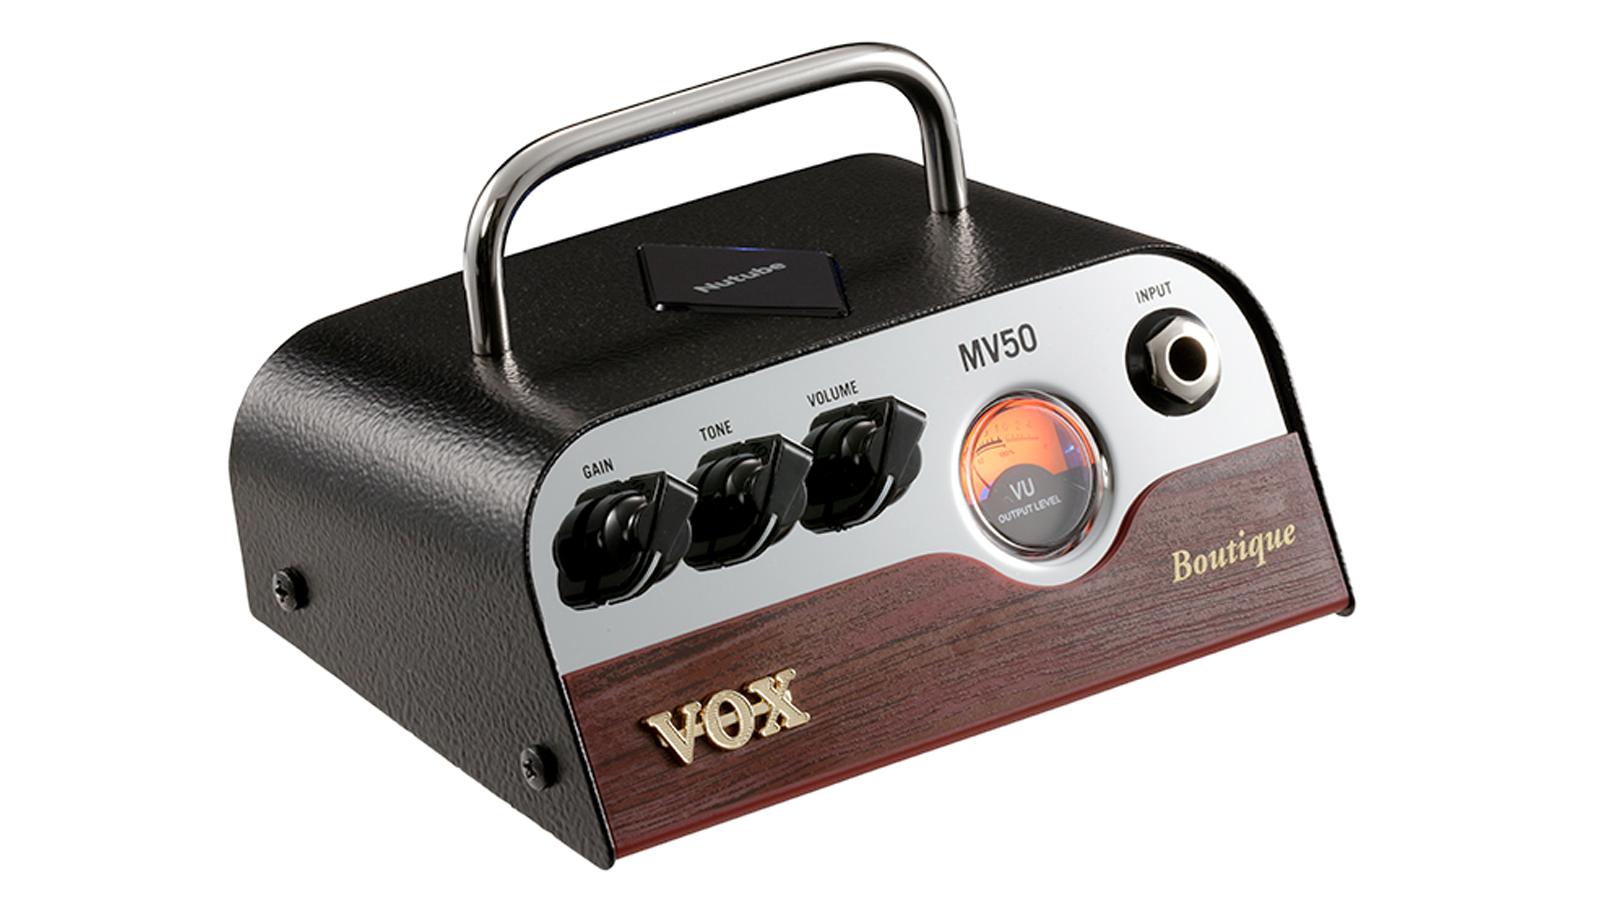 Vox MV-50 Boutique Topteil